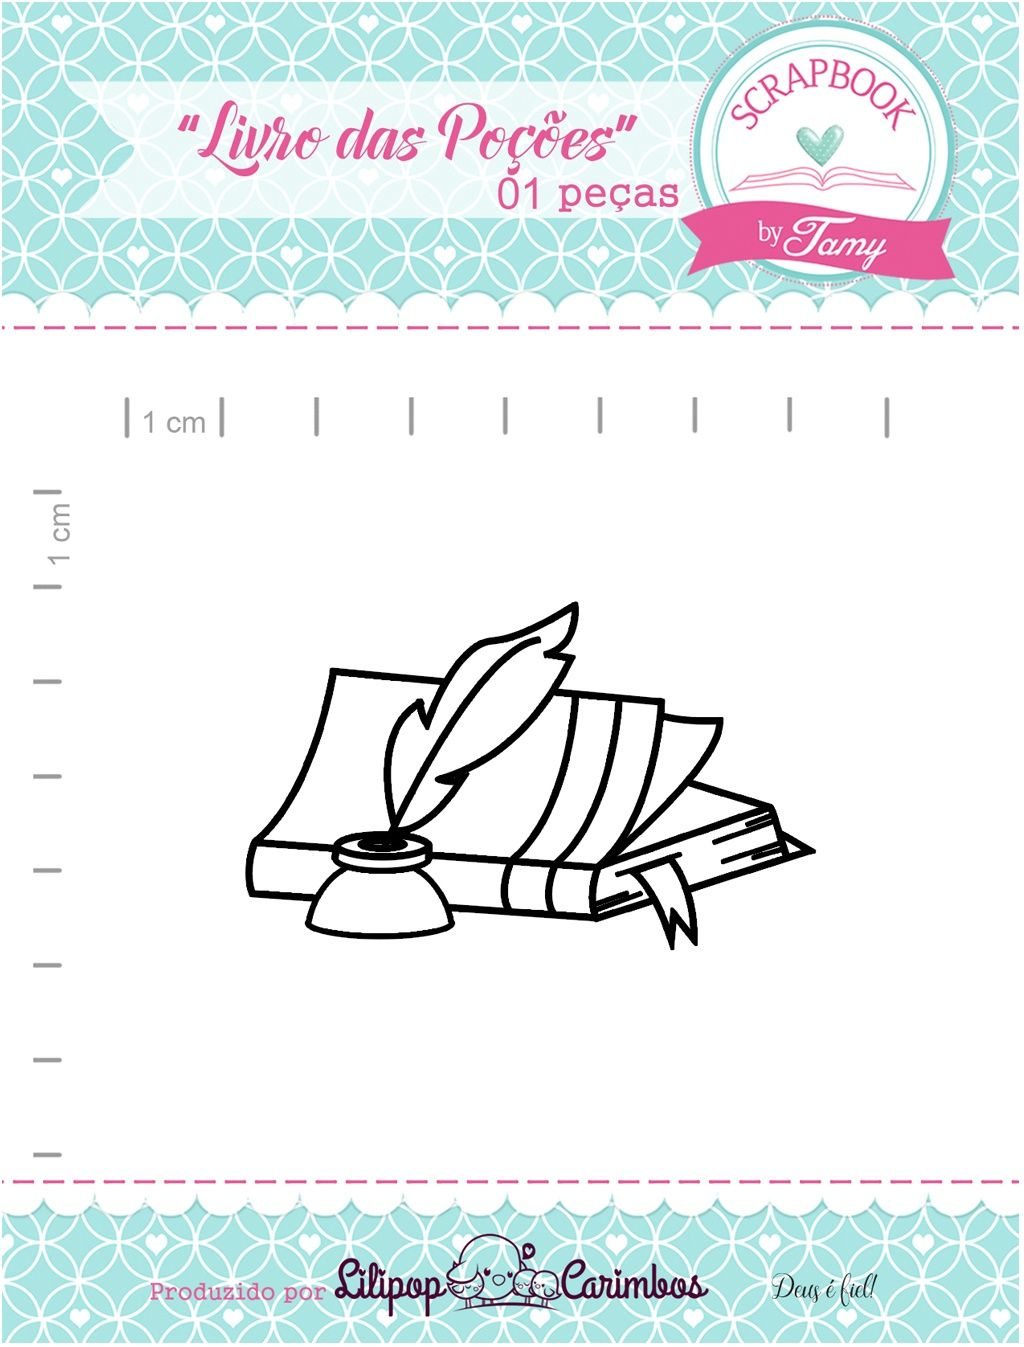 Kit de Carimbos - Livro das Poções